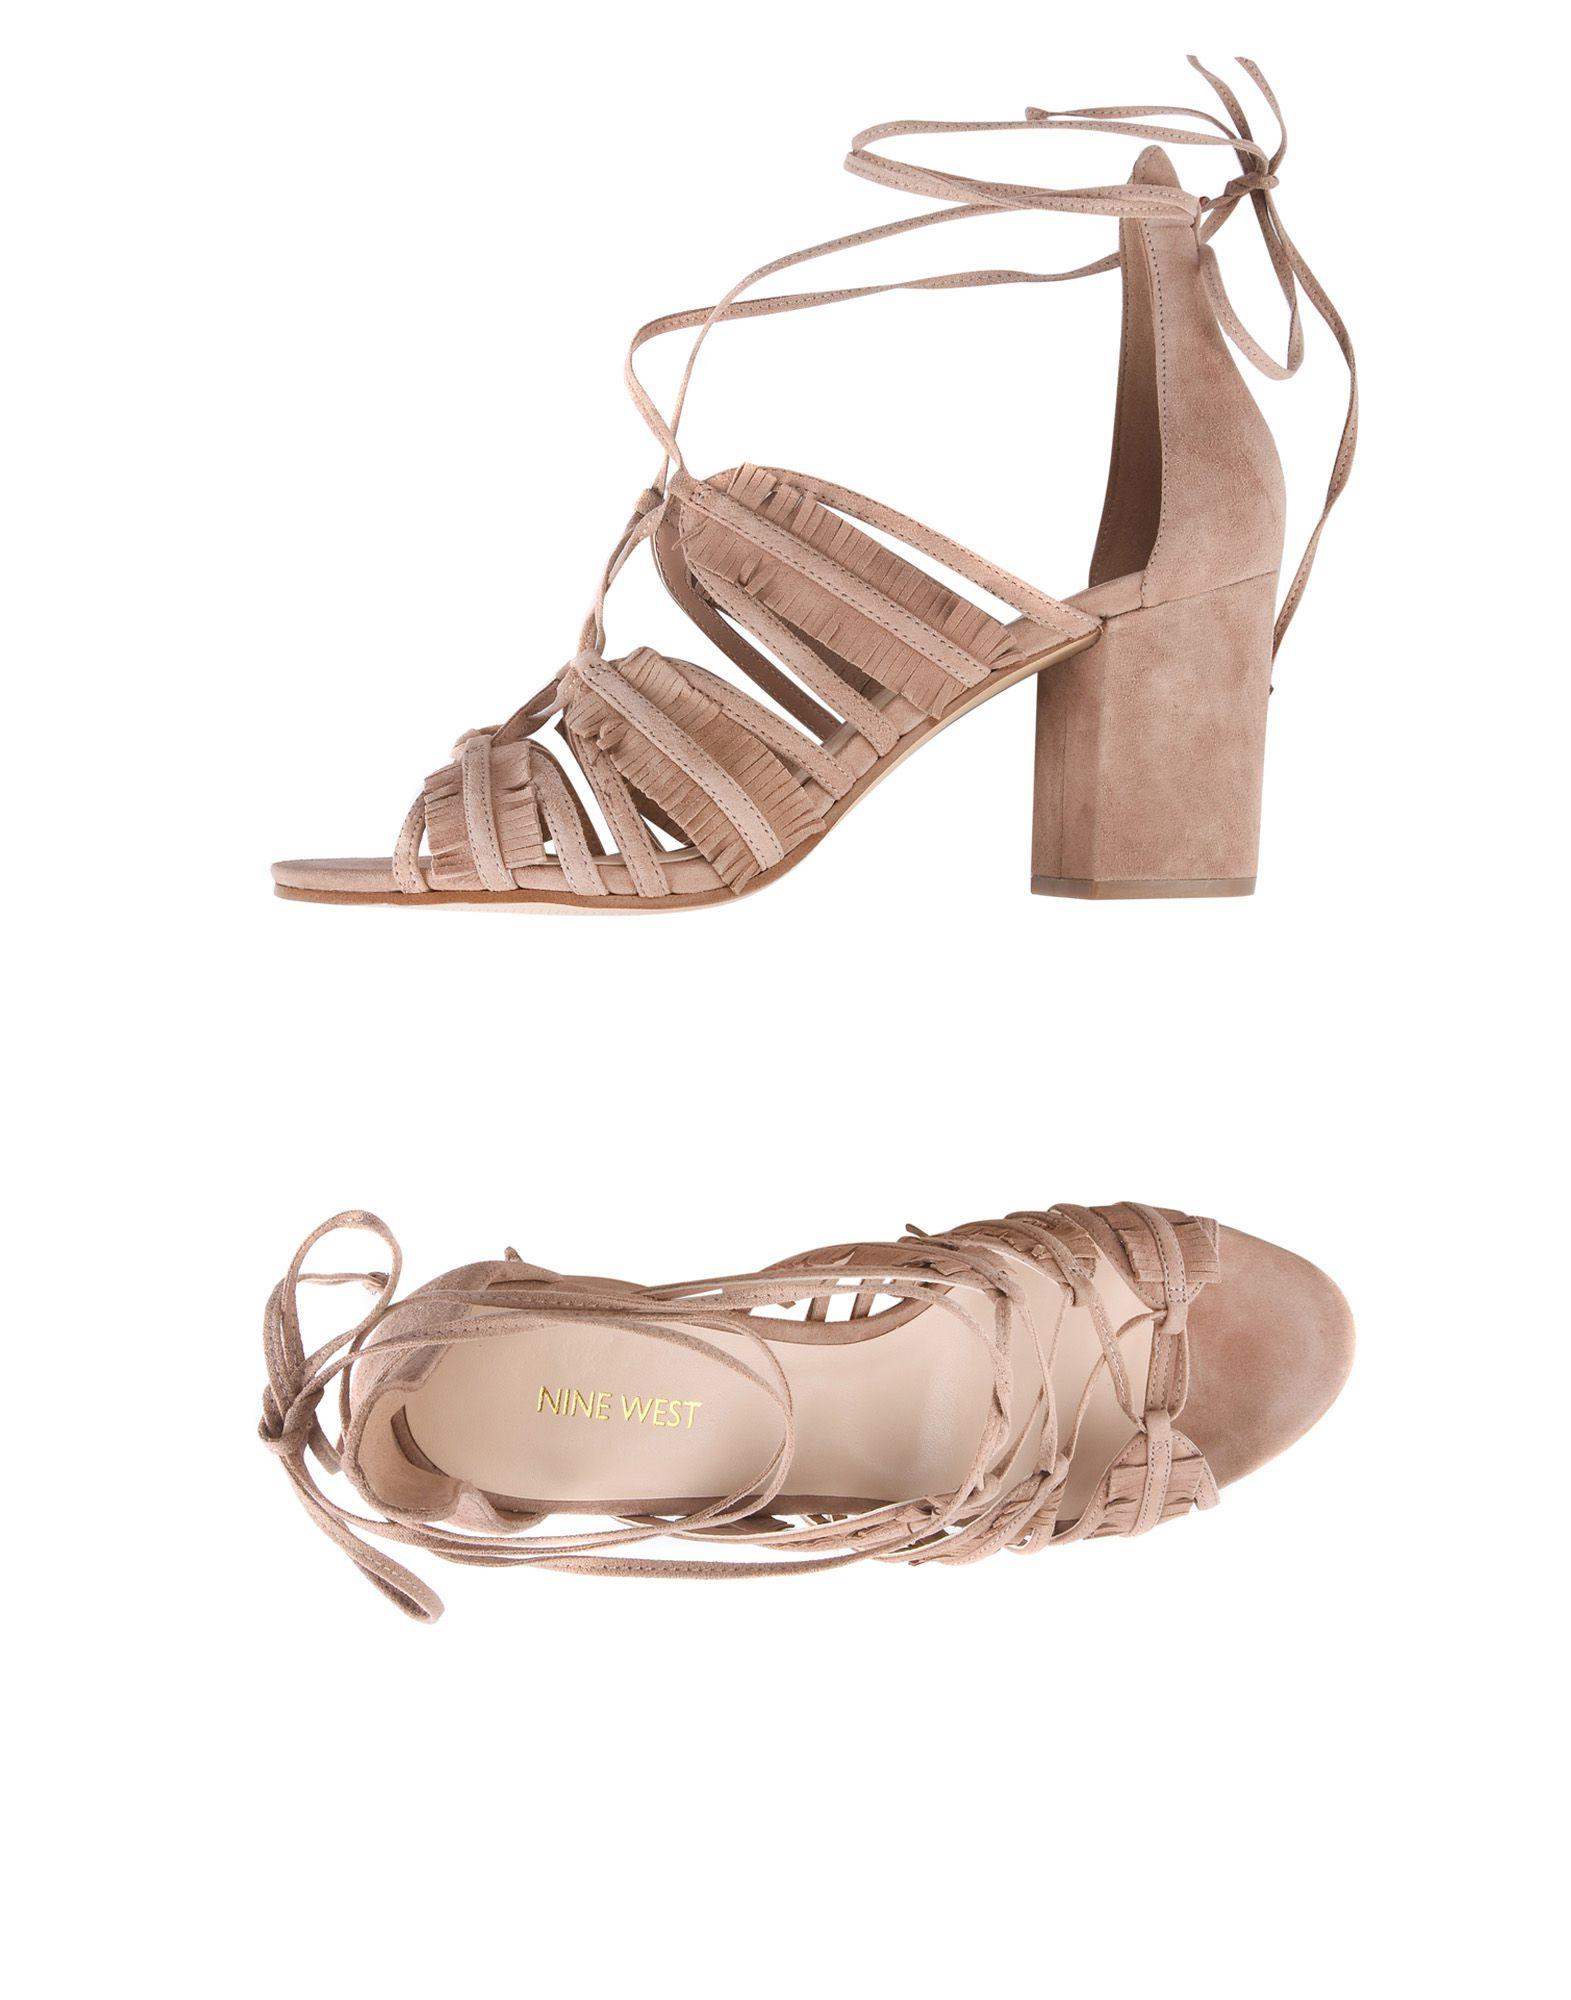 Sandales Nine West Genie - Femme - Sandales Nine West sur